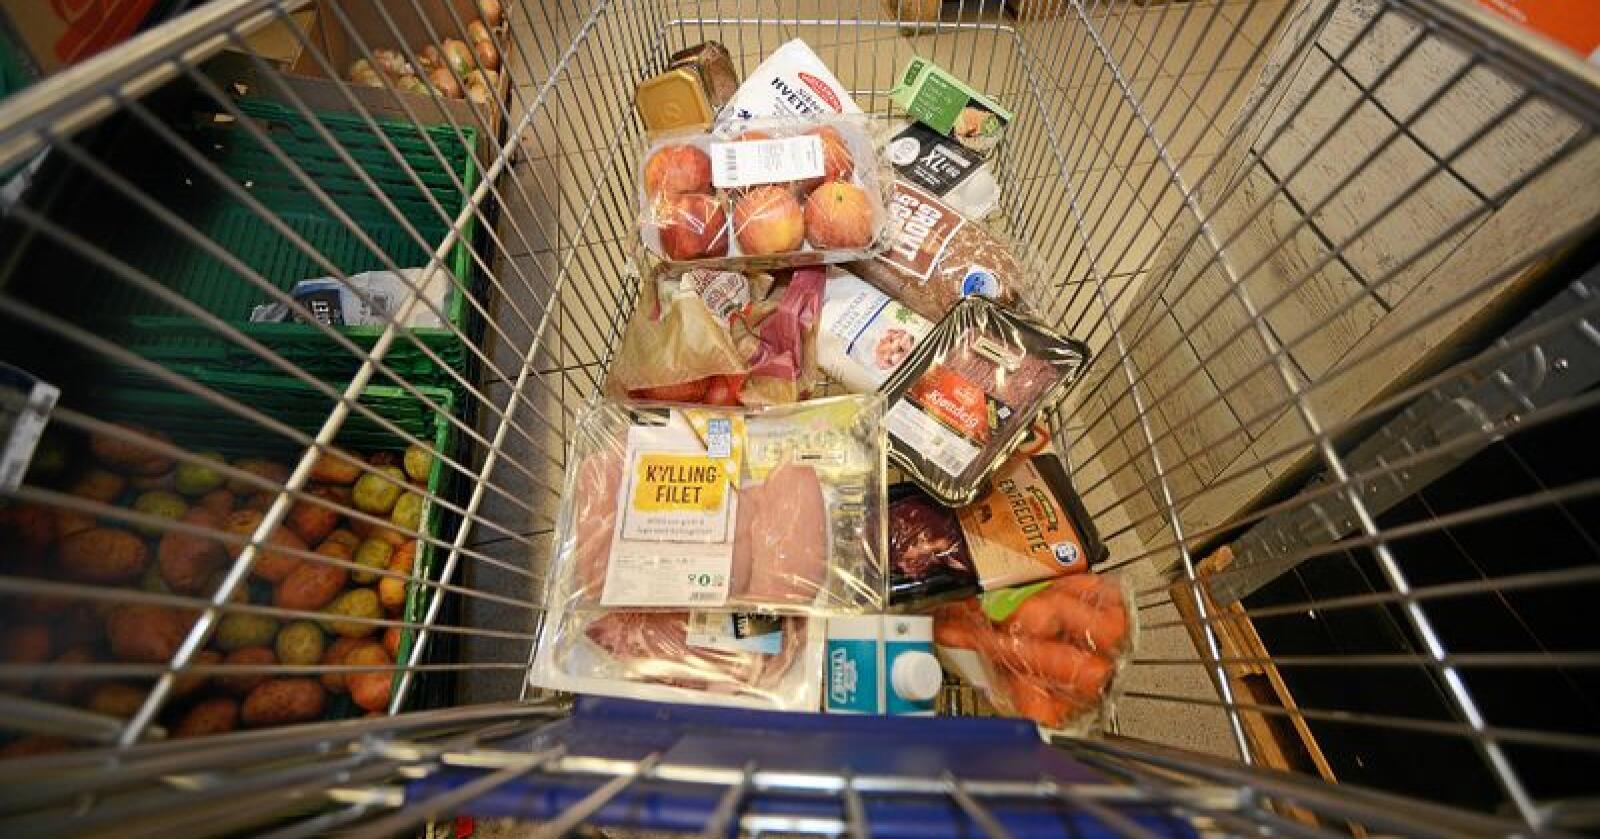 Utvalget i norske butikker er dårligere enn i både Nederland og Sverige. Foto: Siri Juell Rasmussen